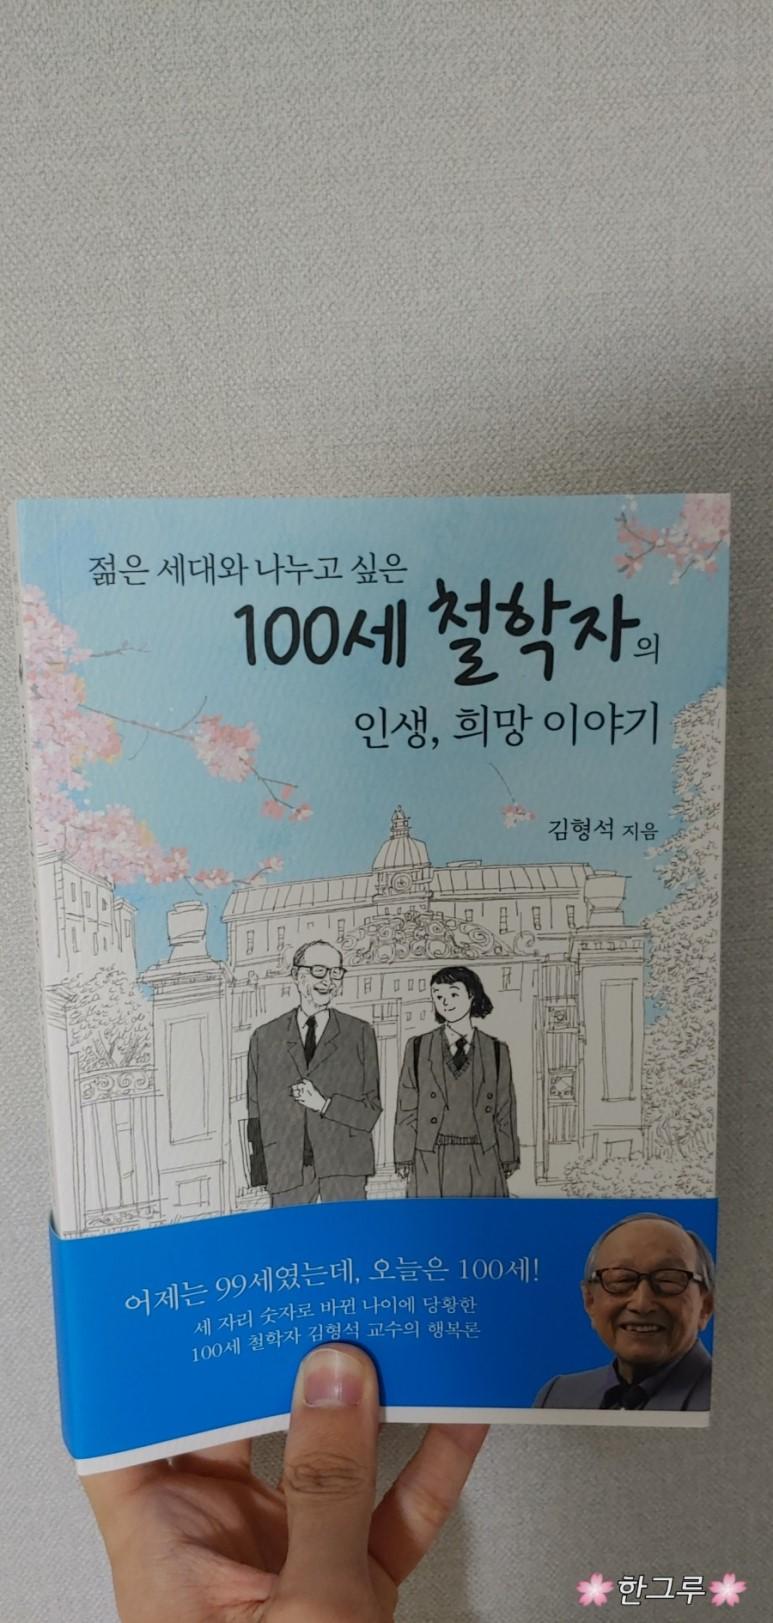 김형석. 2019. 100세 철학자의 인생, 희망 이야기. 열림원.jpg